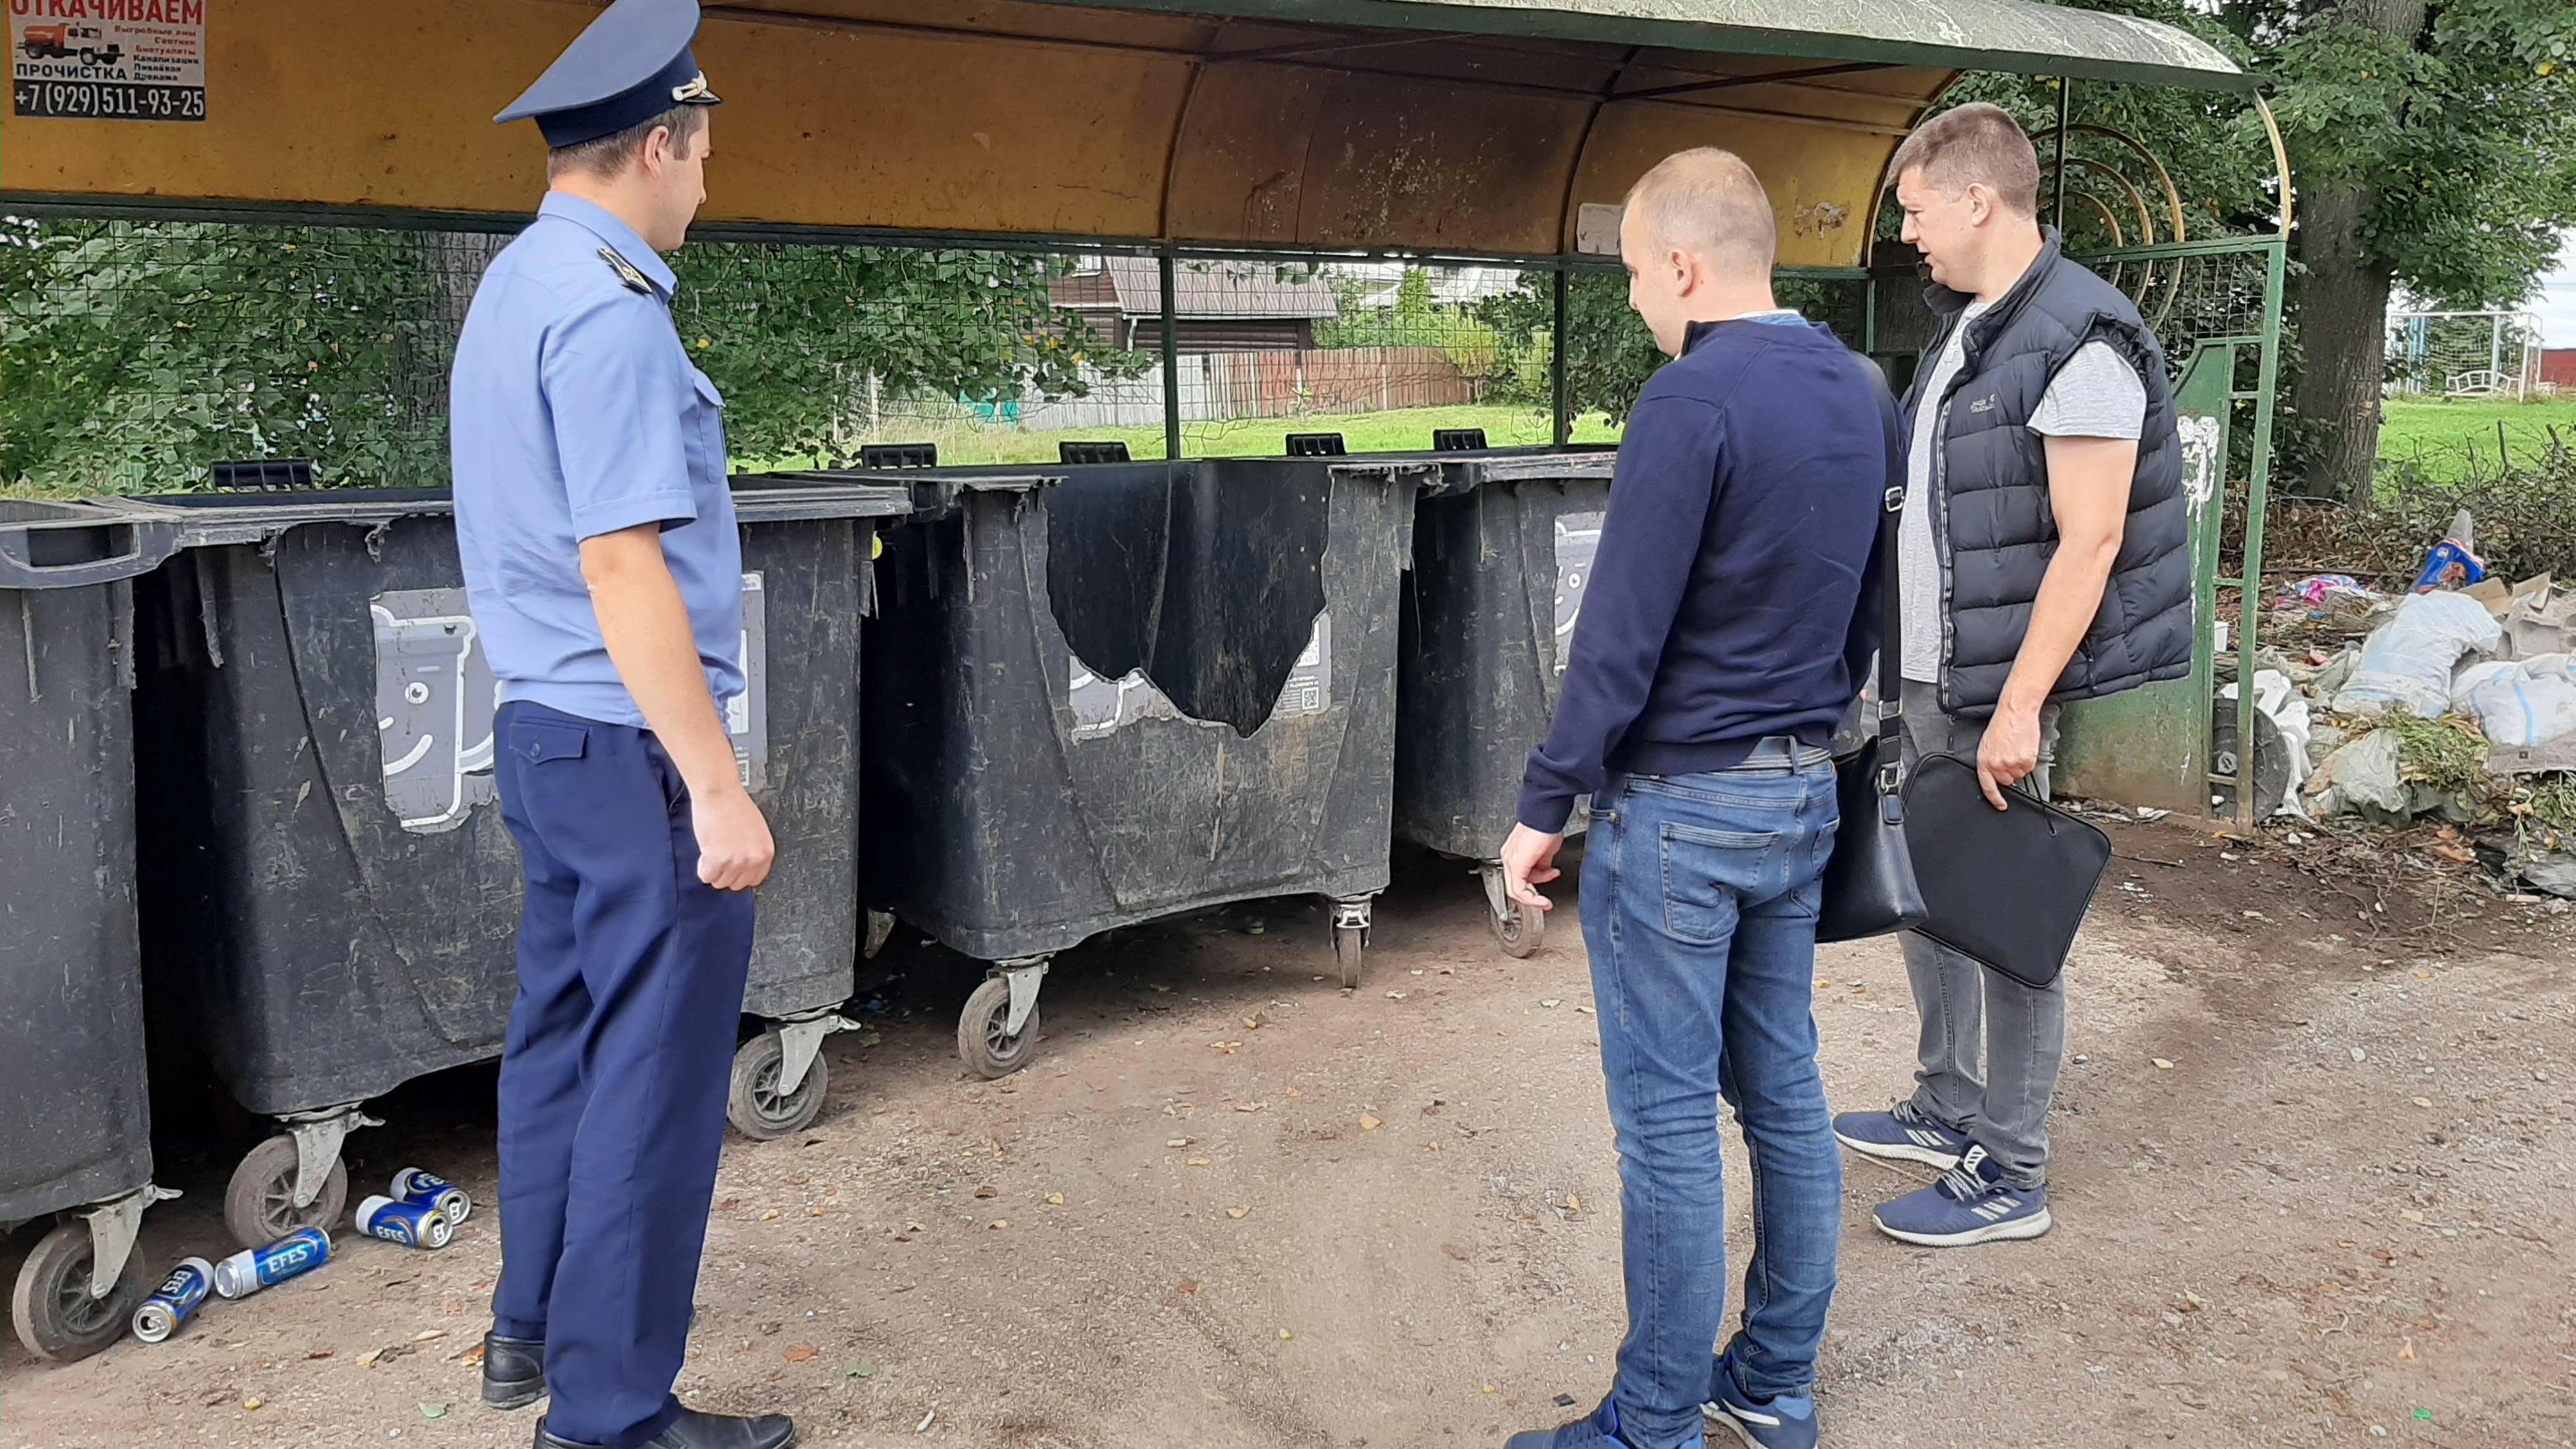 Более 5 тыс. договоров на вывоз ТКО заключили юрлица в Подмосковье с начала года